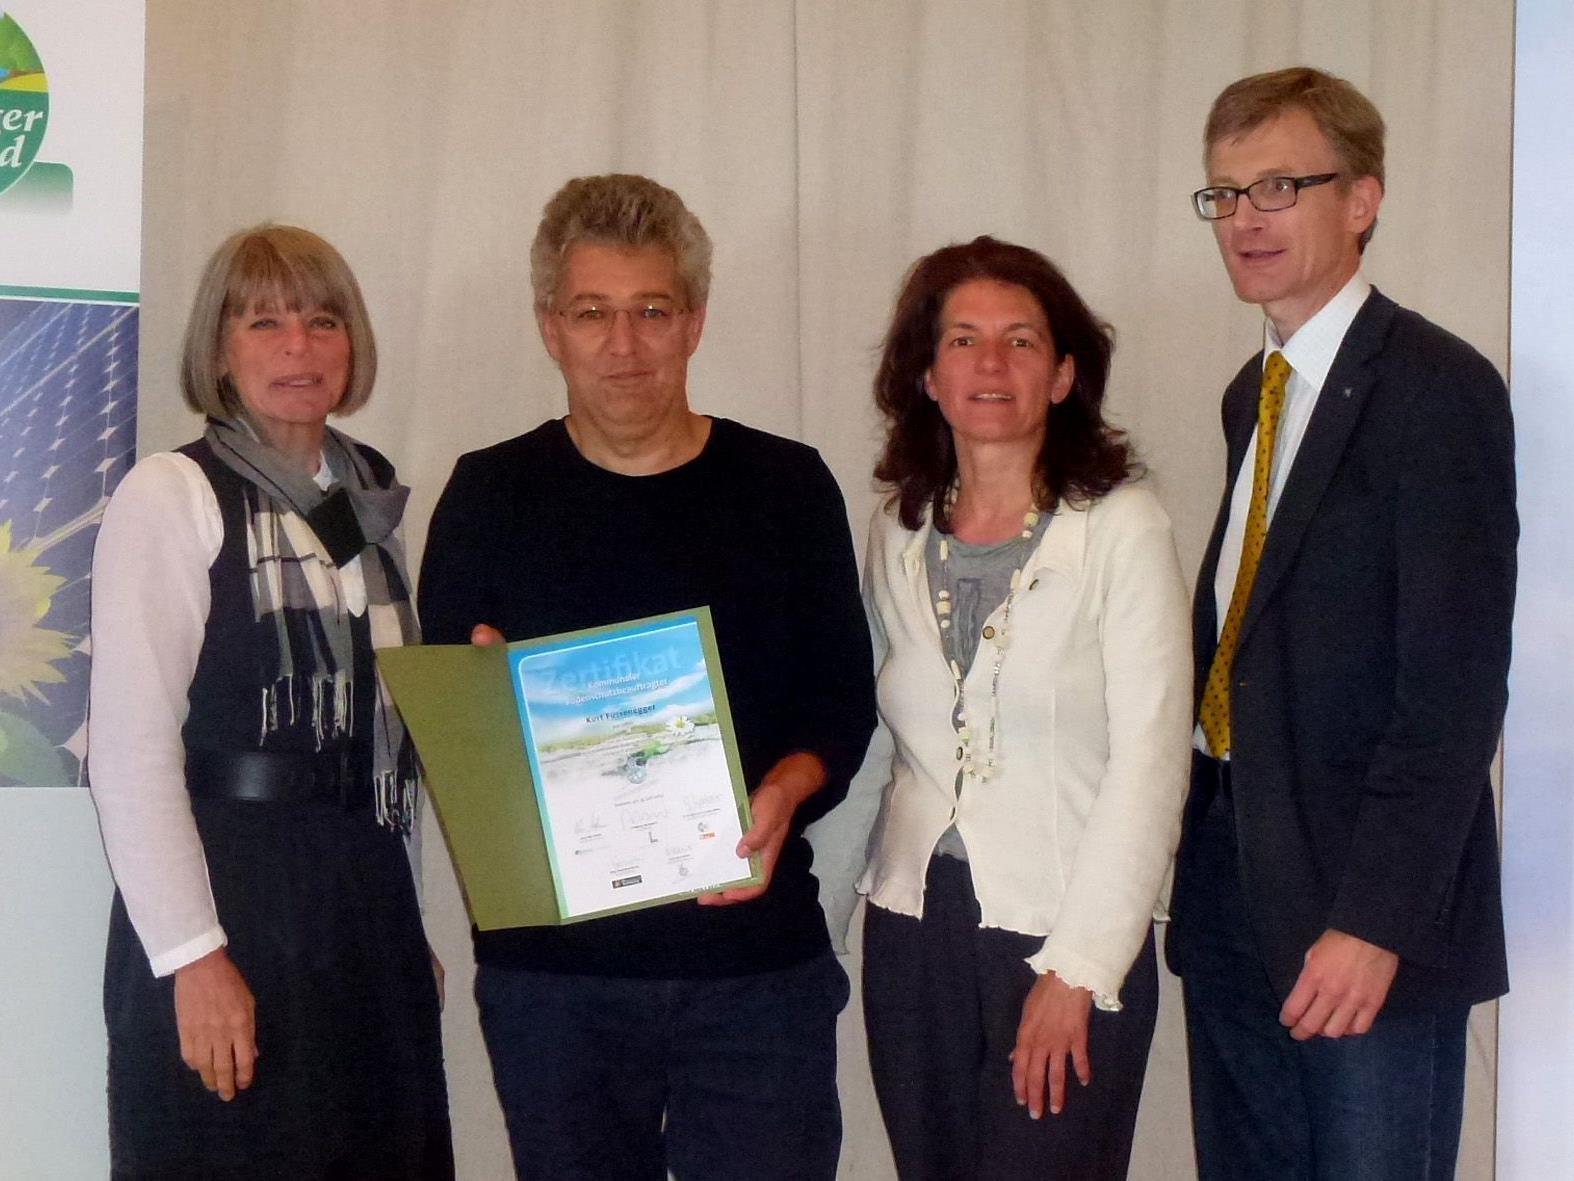 Bauamtsleiter Kurt Fussenegger wurde von Univ.Prof. DI Dr. Gerlind Weber (Universität für Bodenkultur Wien), DI Martina Nagl (Klimabündnis) und DI Christian Steiner (Vorstandsvorsitzender Europäisches Bodenbündnis, v.l.) ausgezeichnet.